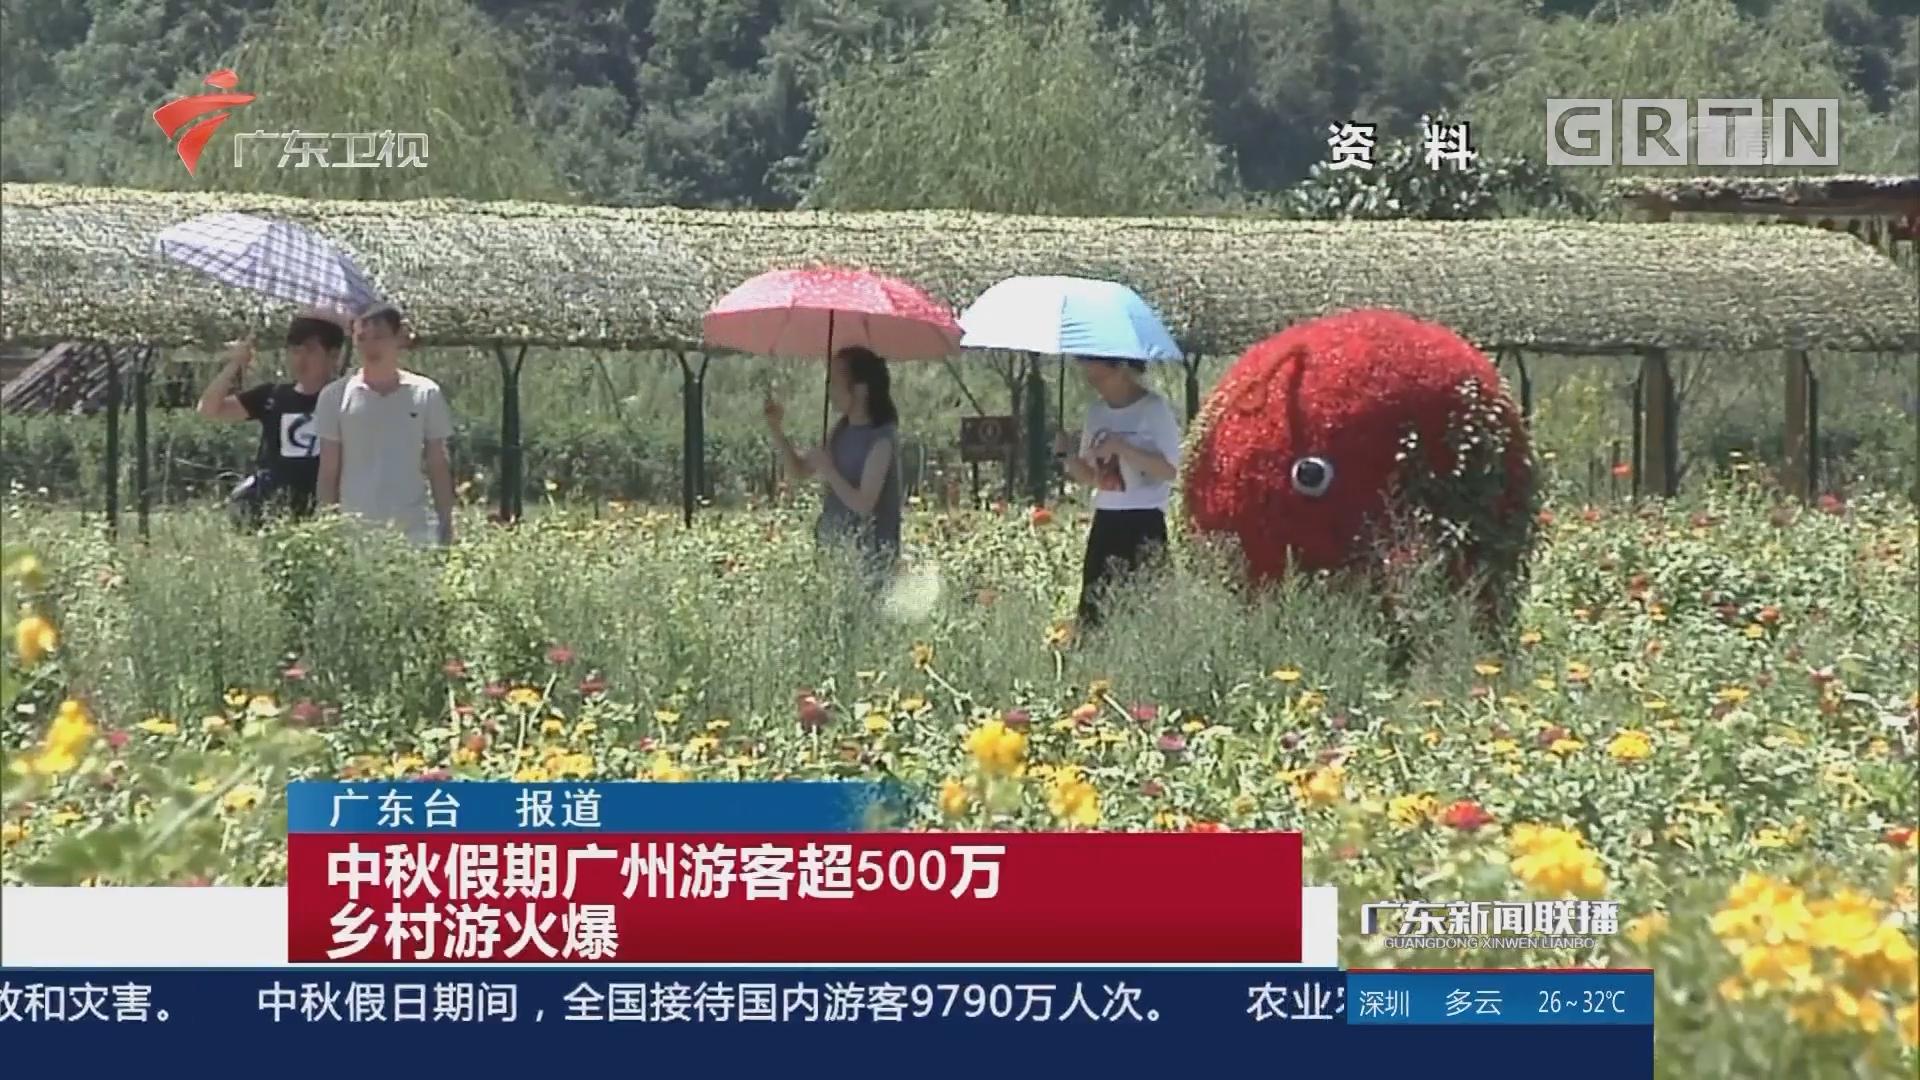 中秋假期广州游客超500万 乡村游火爆